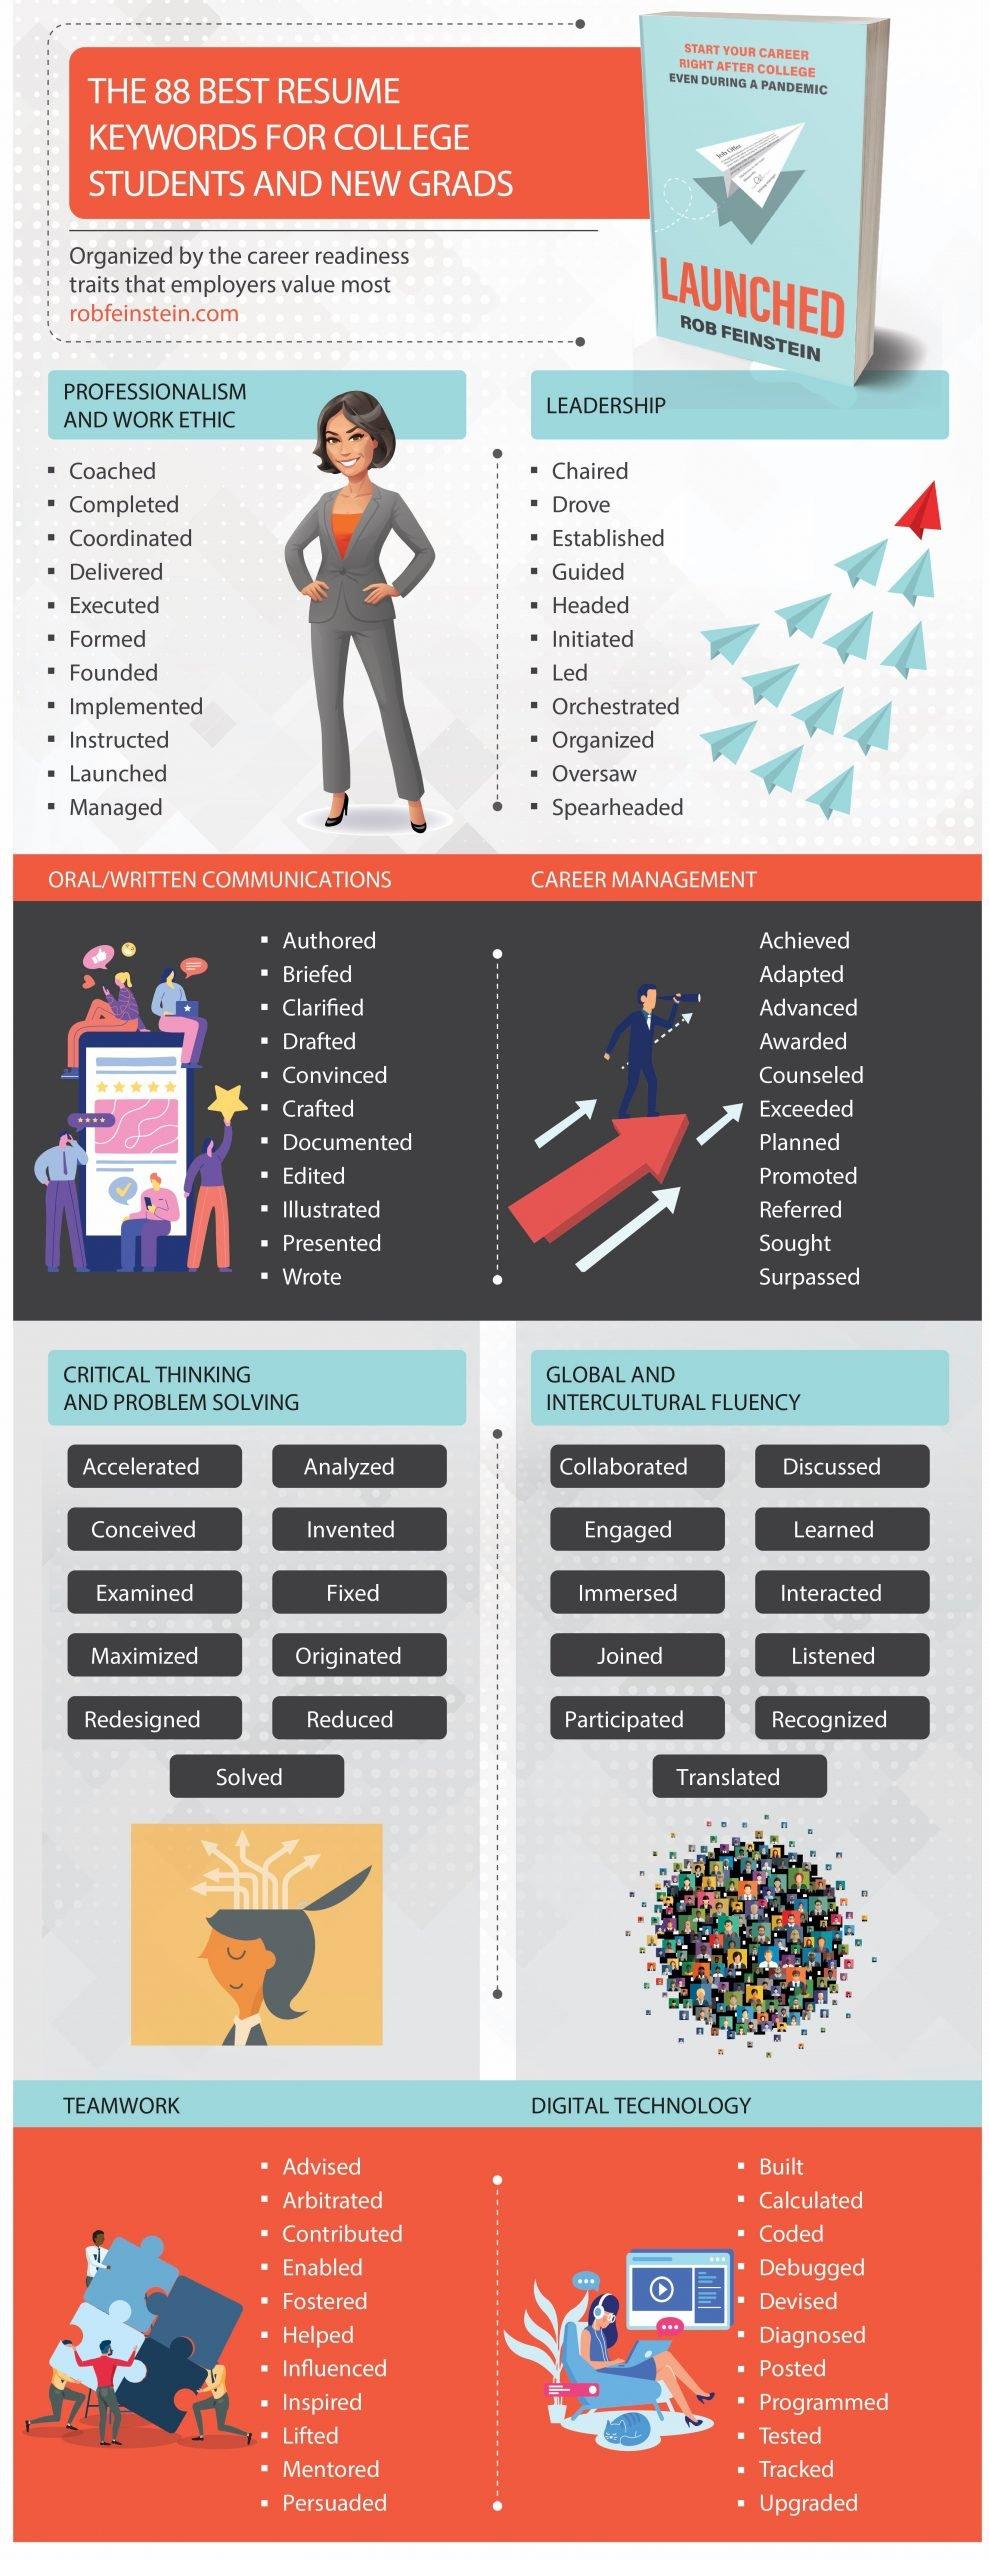 best resume keywords